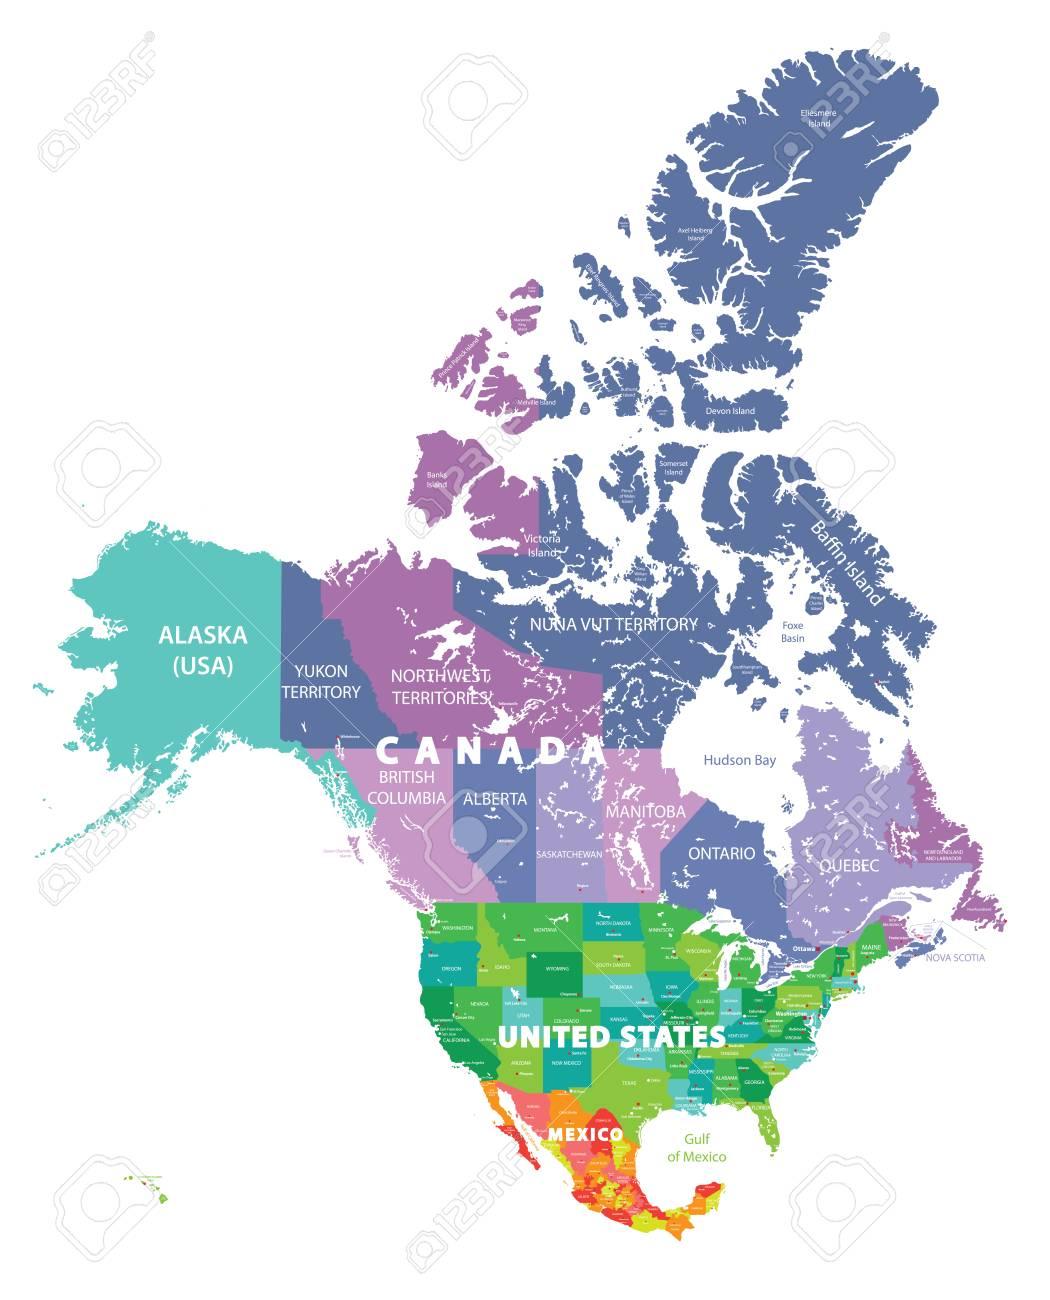 Carte Usa Canada Mexique.Carte Coloree Des Etats Unis Du Canada Et Du Mexique